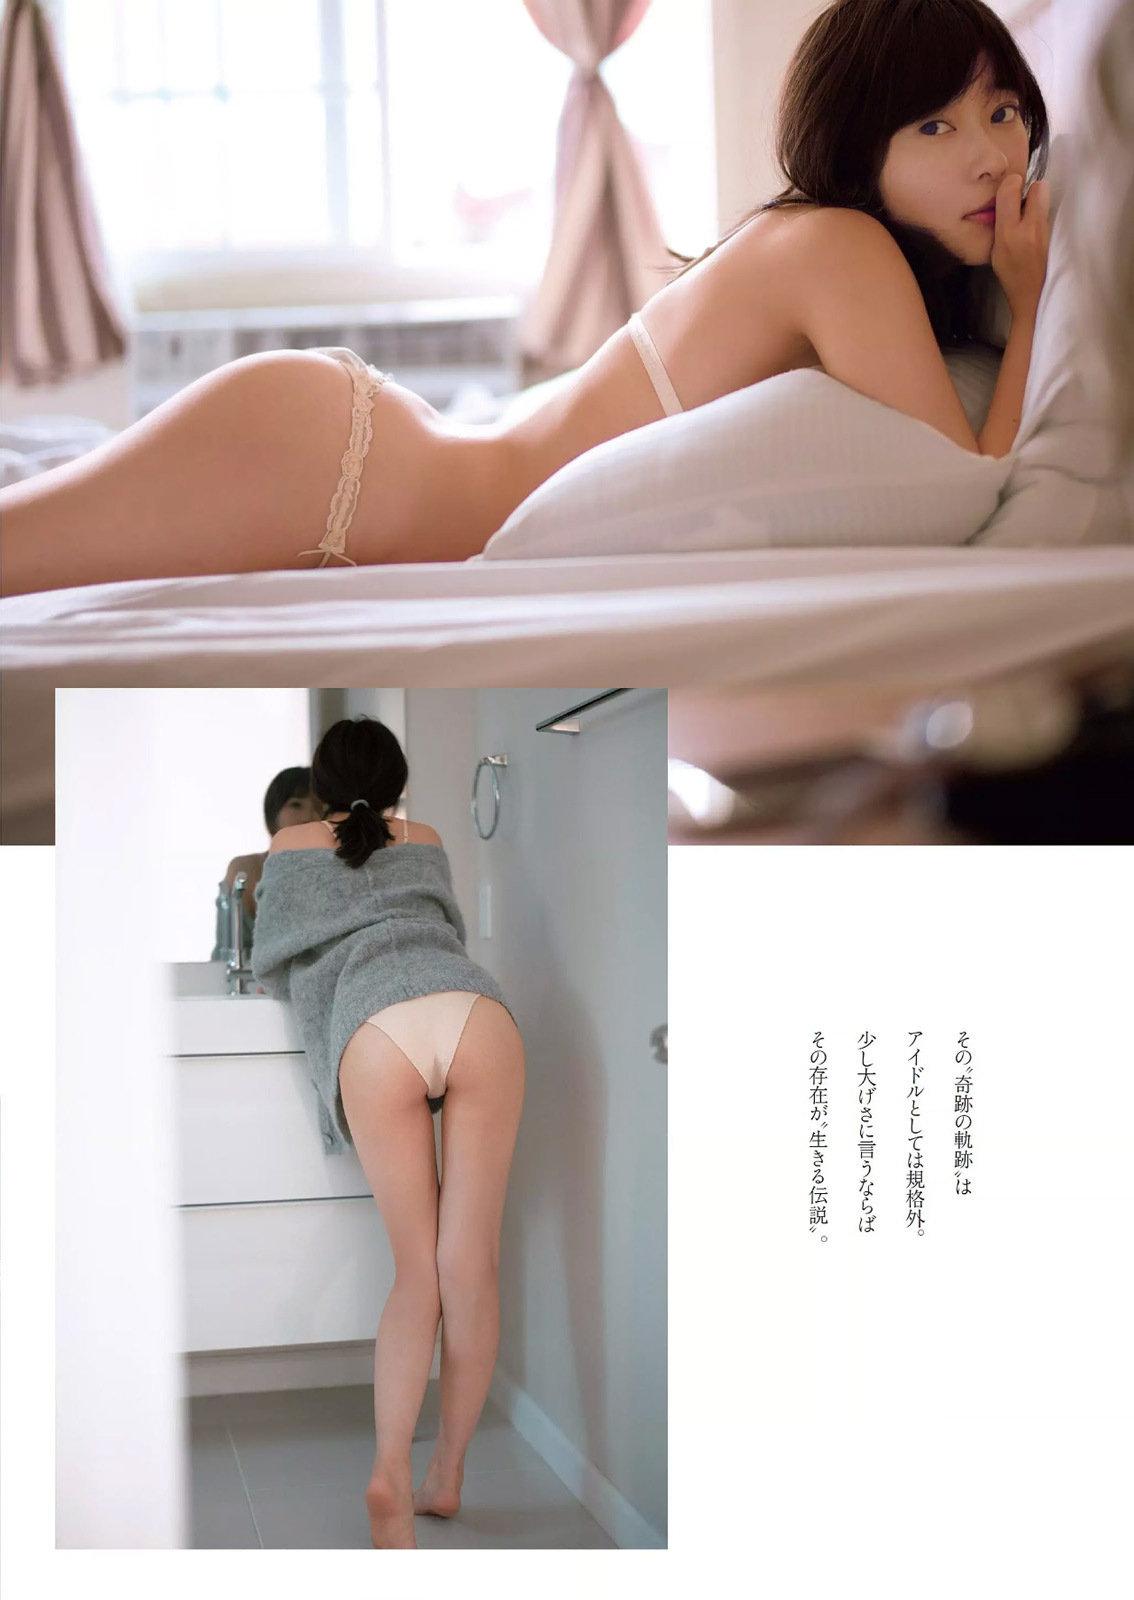 「週刊プレイボーイ 2016 No.13」指原莉乃の水着グラビア